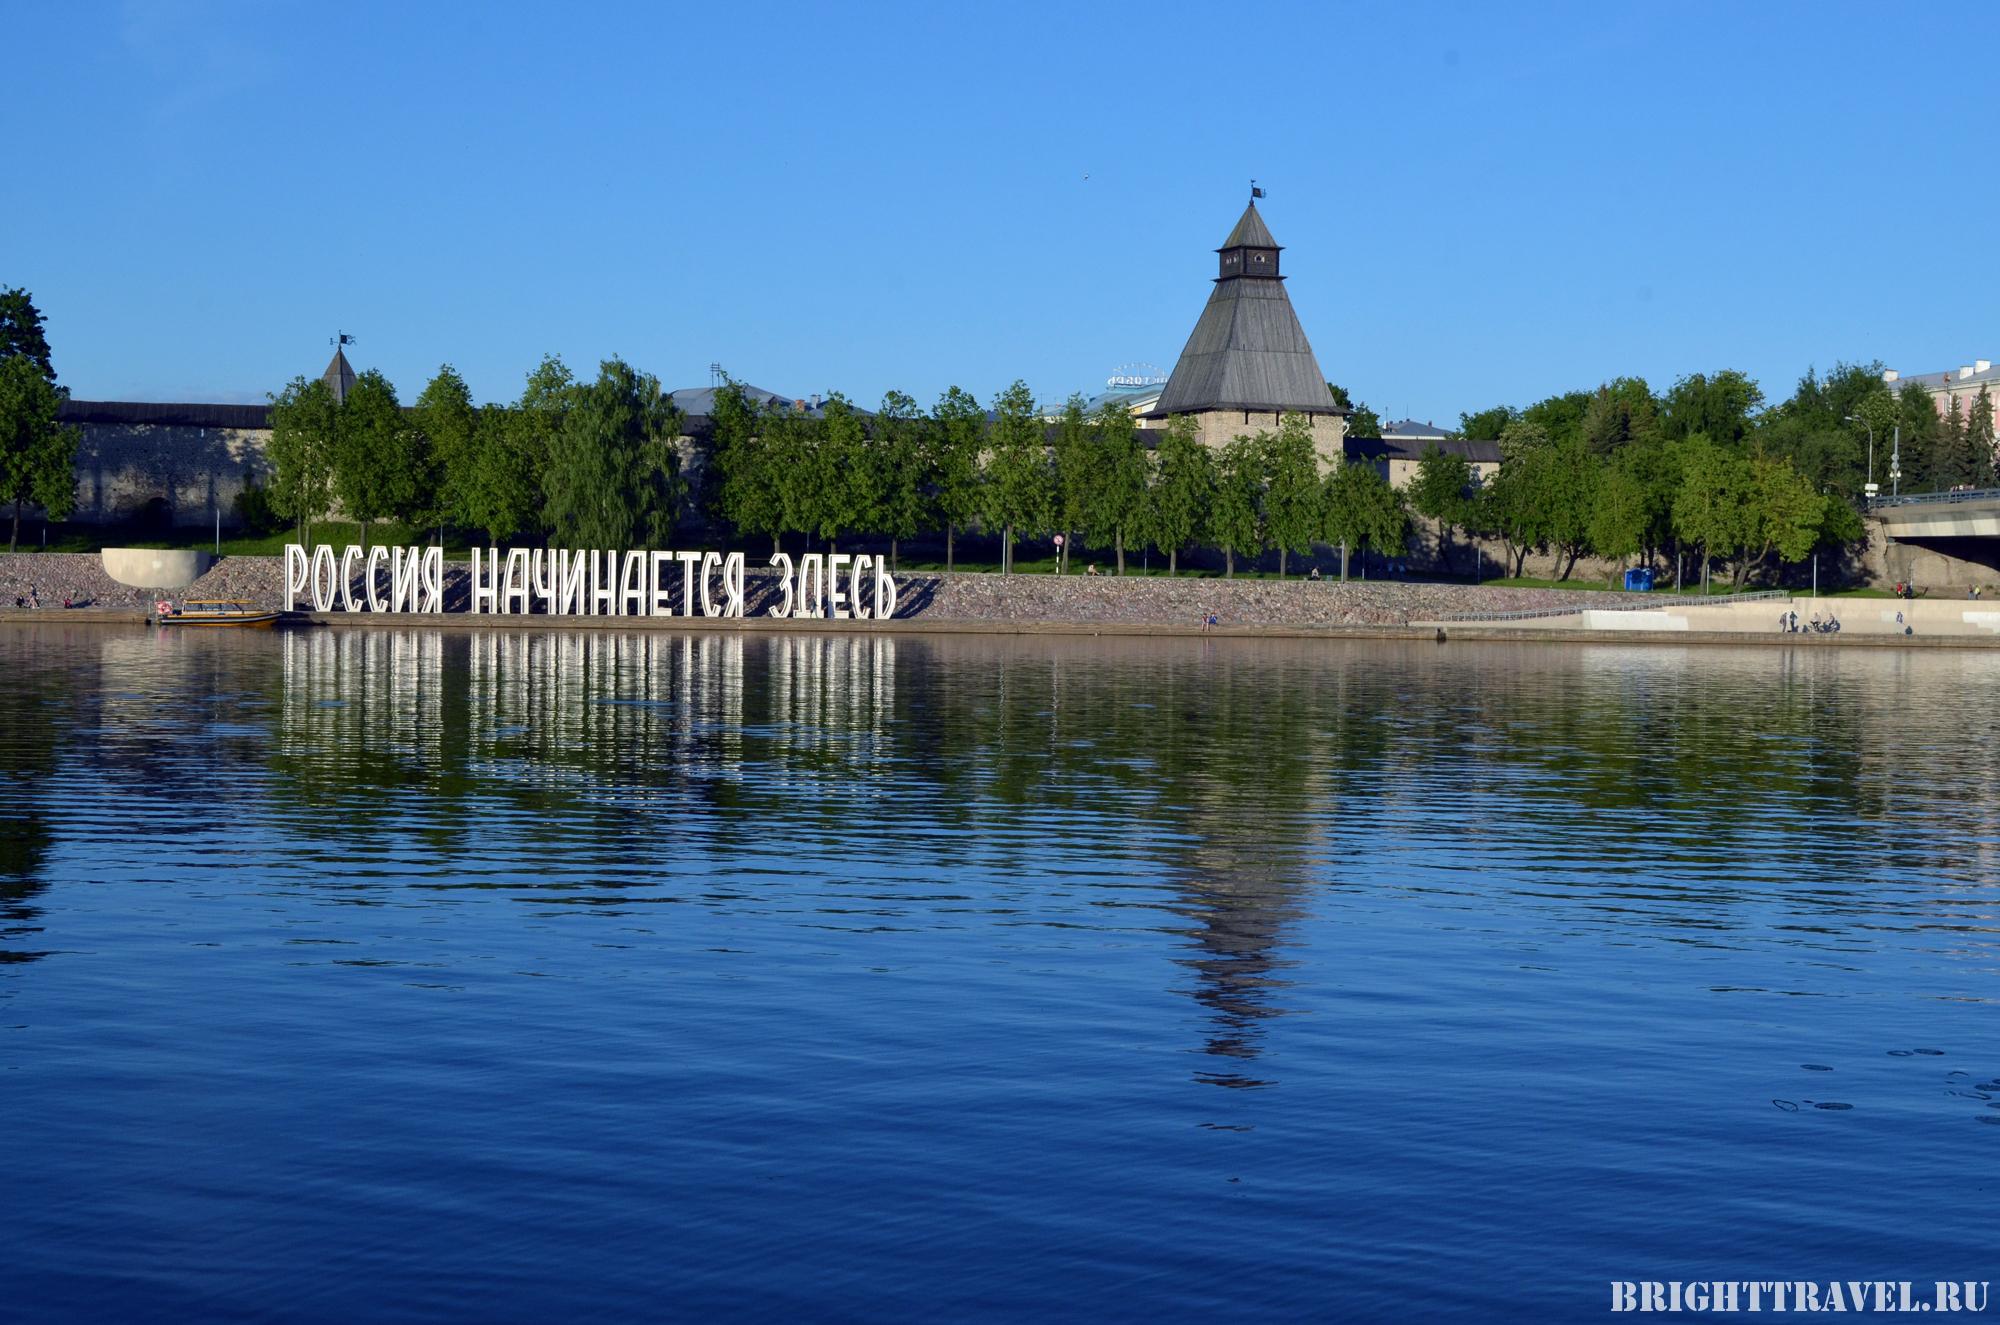 Красивое фото достопримечательности Пскова